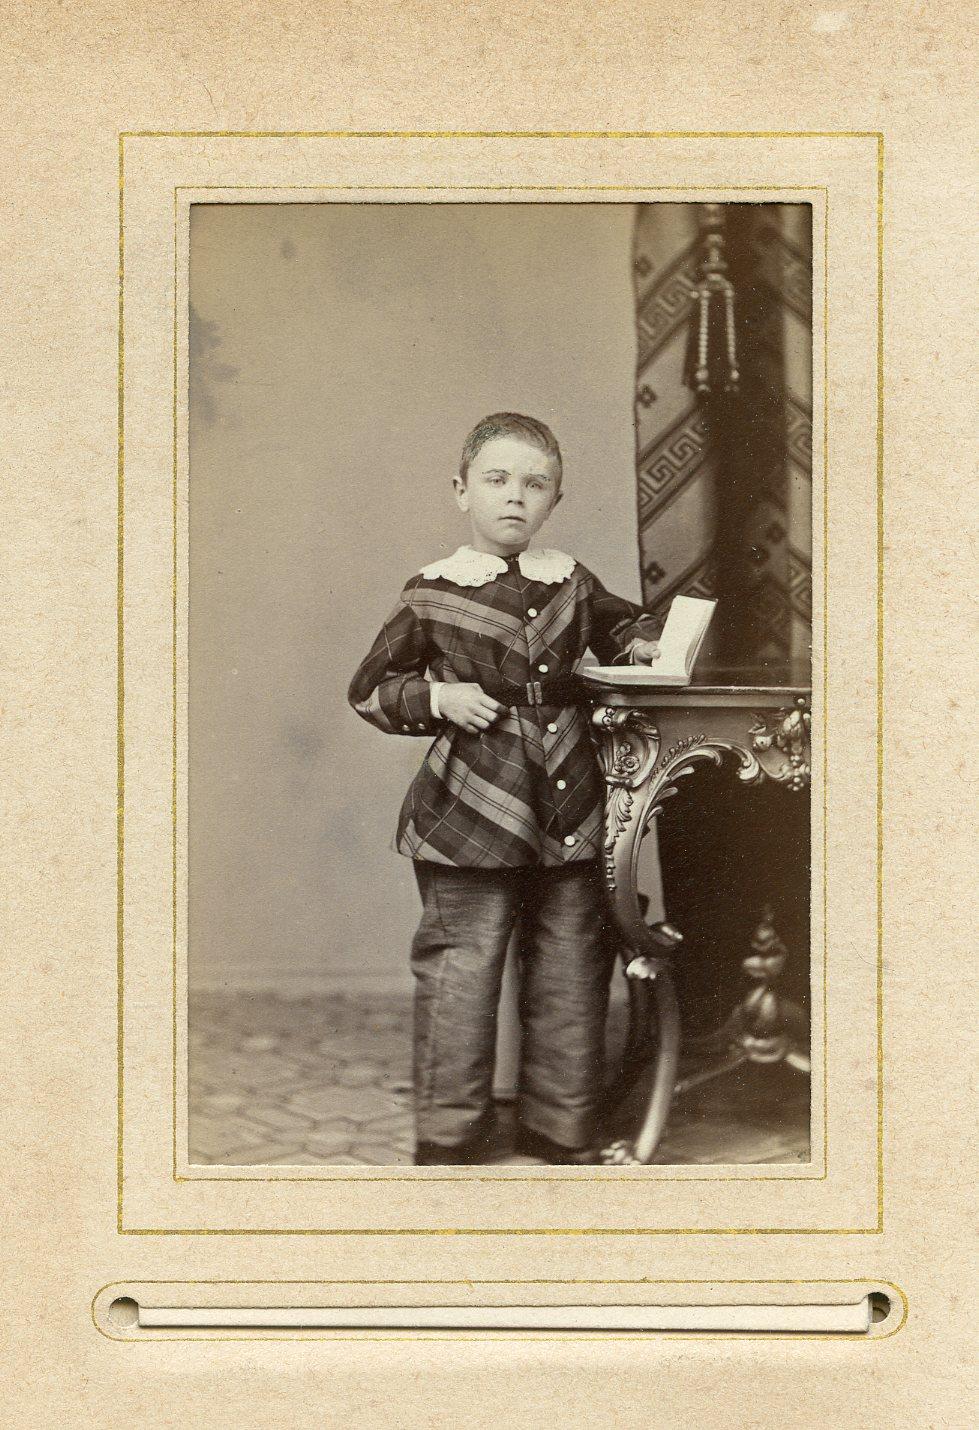 Johanne Hedemanns Album billede nr. 53